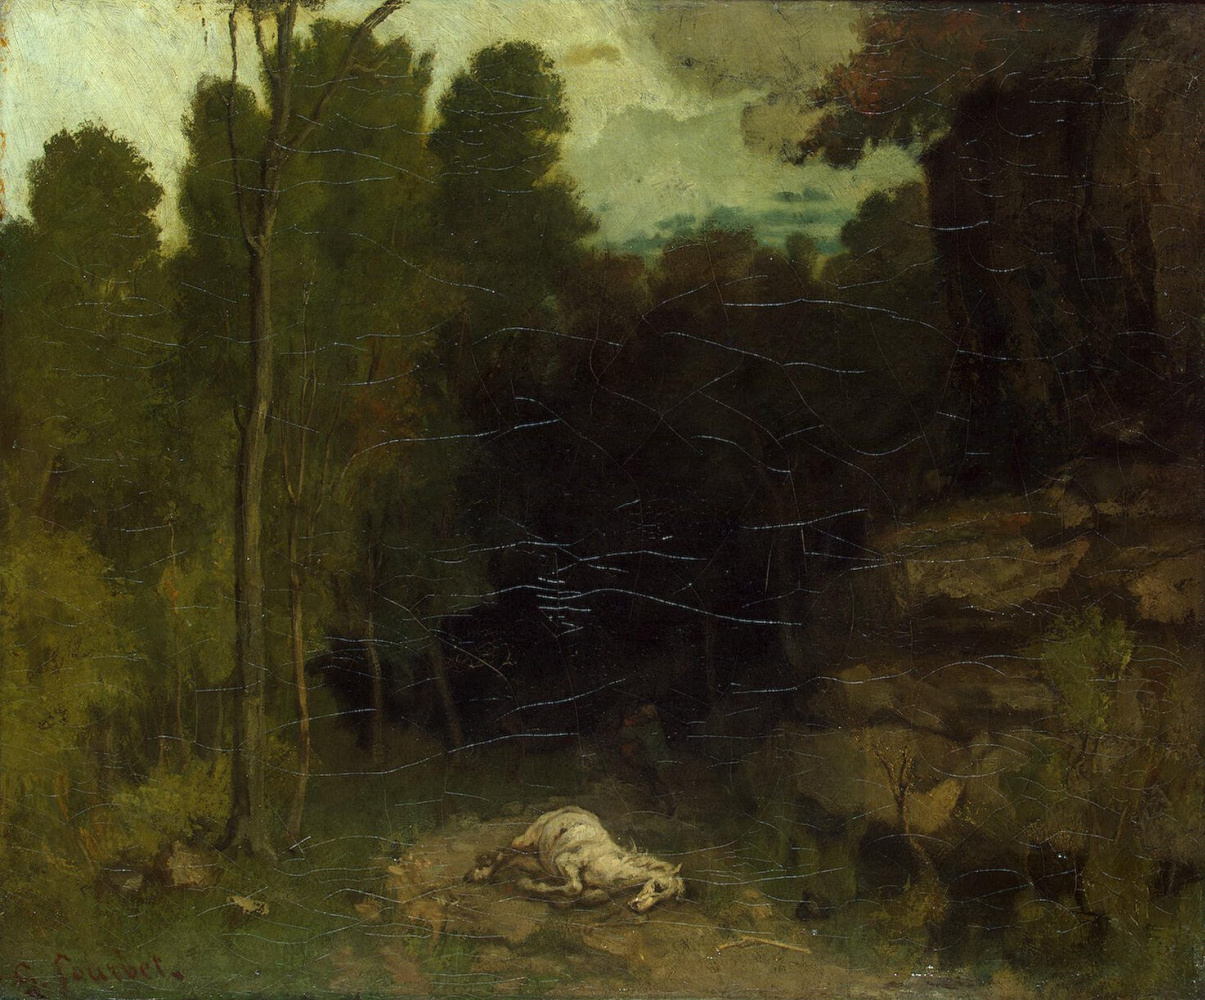 Гюстав Курбе. Пейзаж с мертвой лошадью